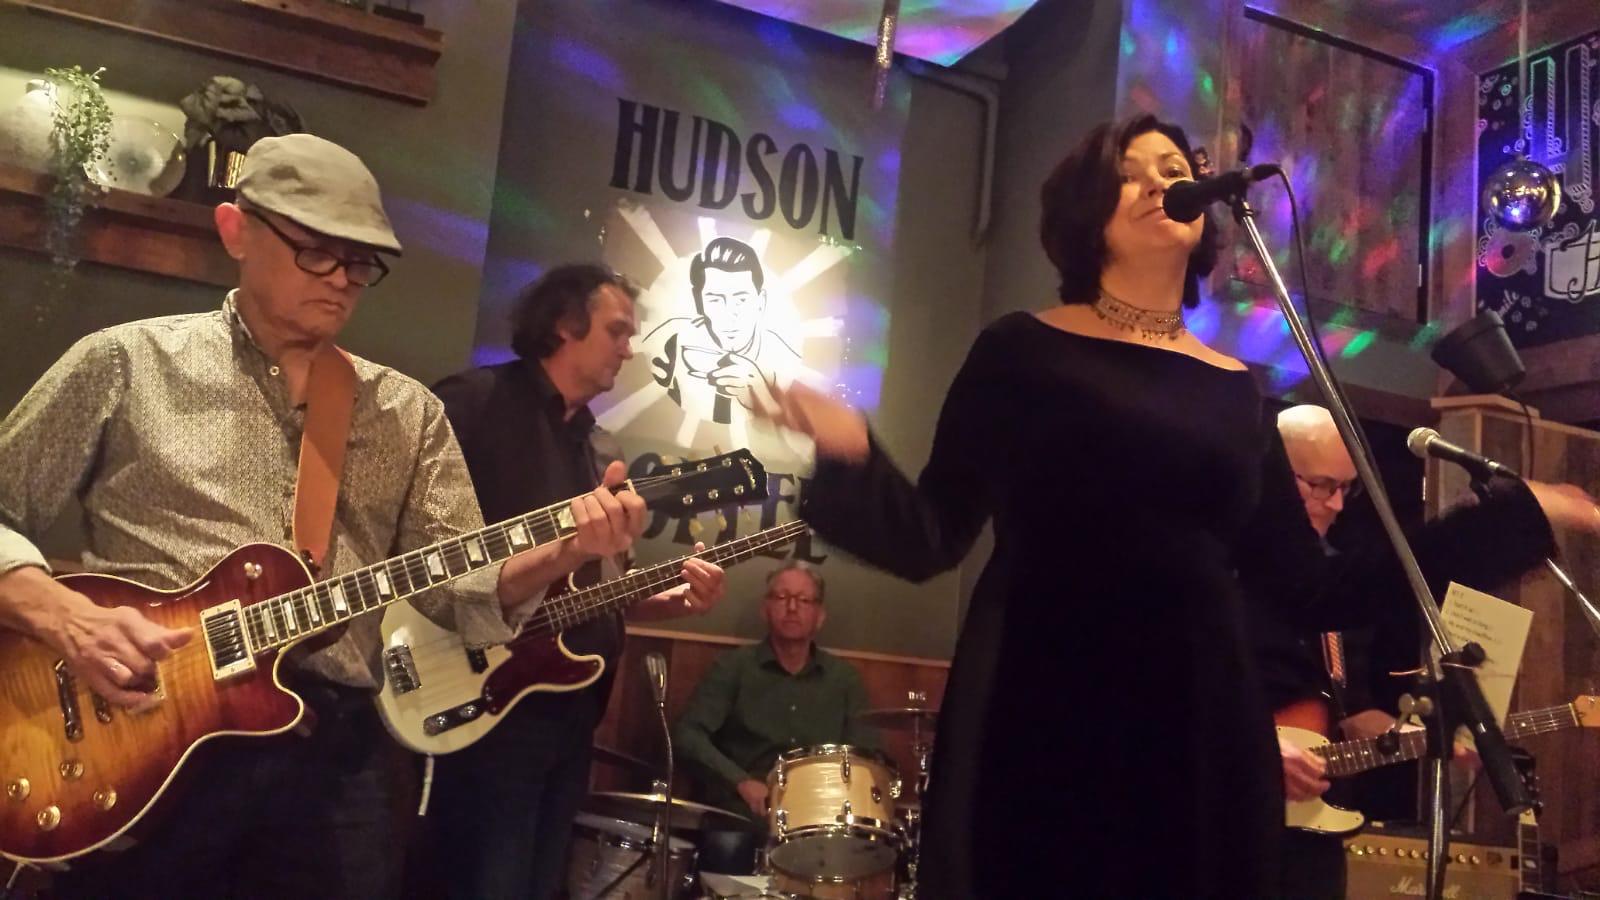 Hudson-2019-BA7-gig-via-CG-I